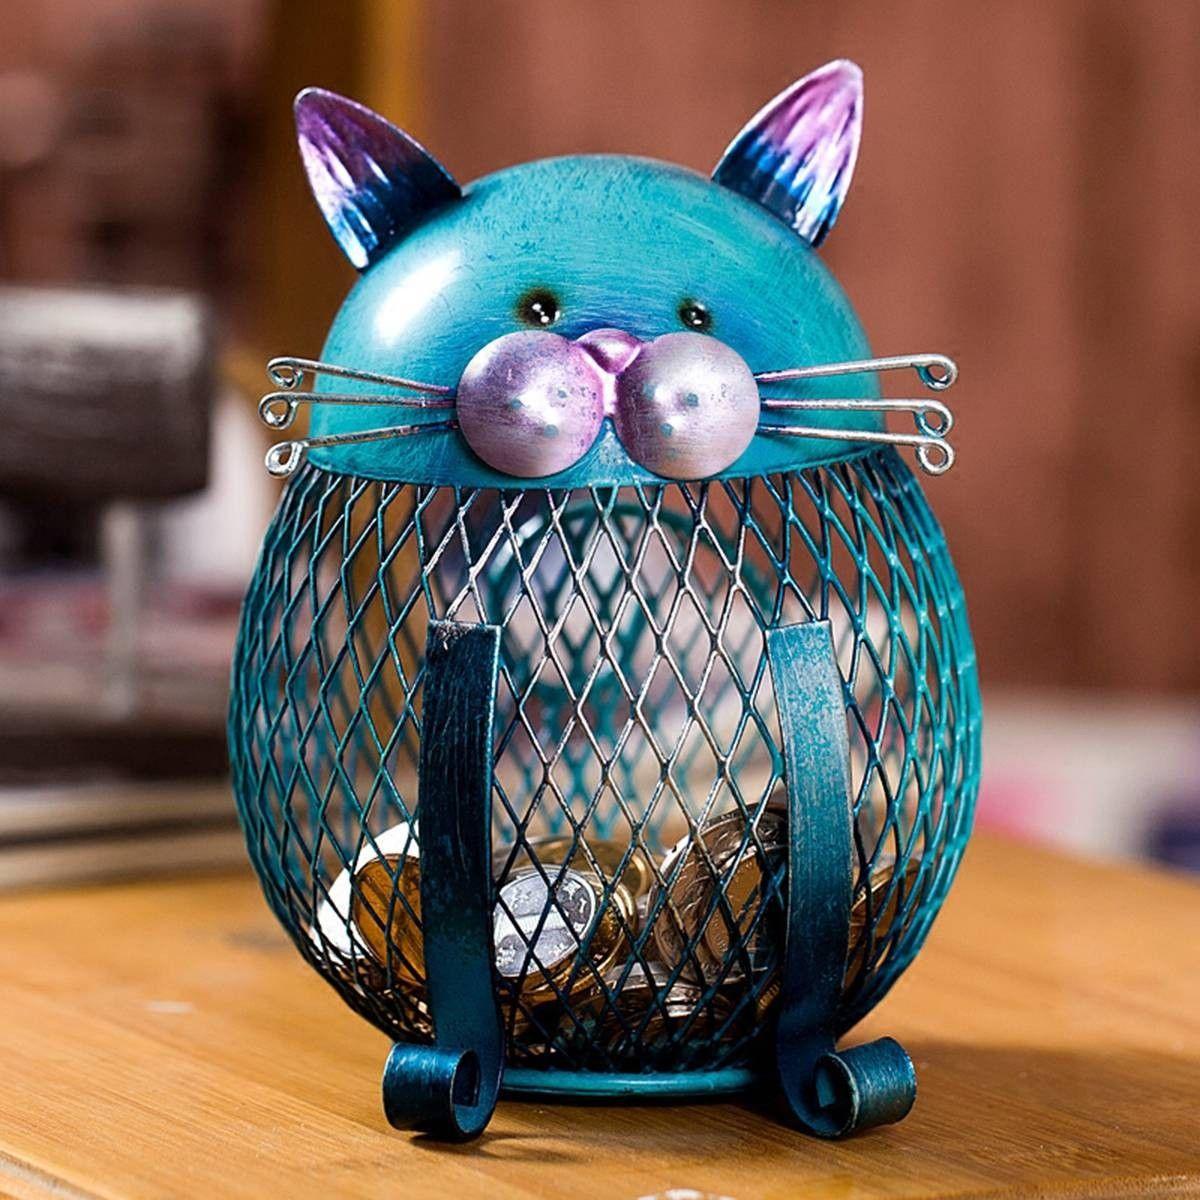 Best And Cheap Light Blue Tooarts Kitten Piggy Bank Coin Bank Practical Sculp Home Decor Tooarts Com Cat Piggy Bank Piggy Bank Iron Art